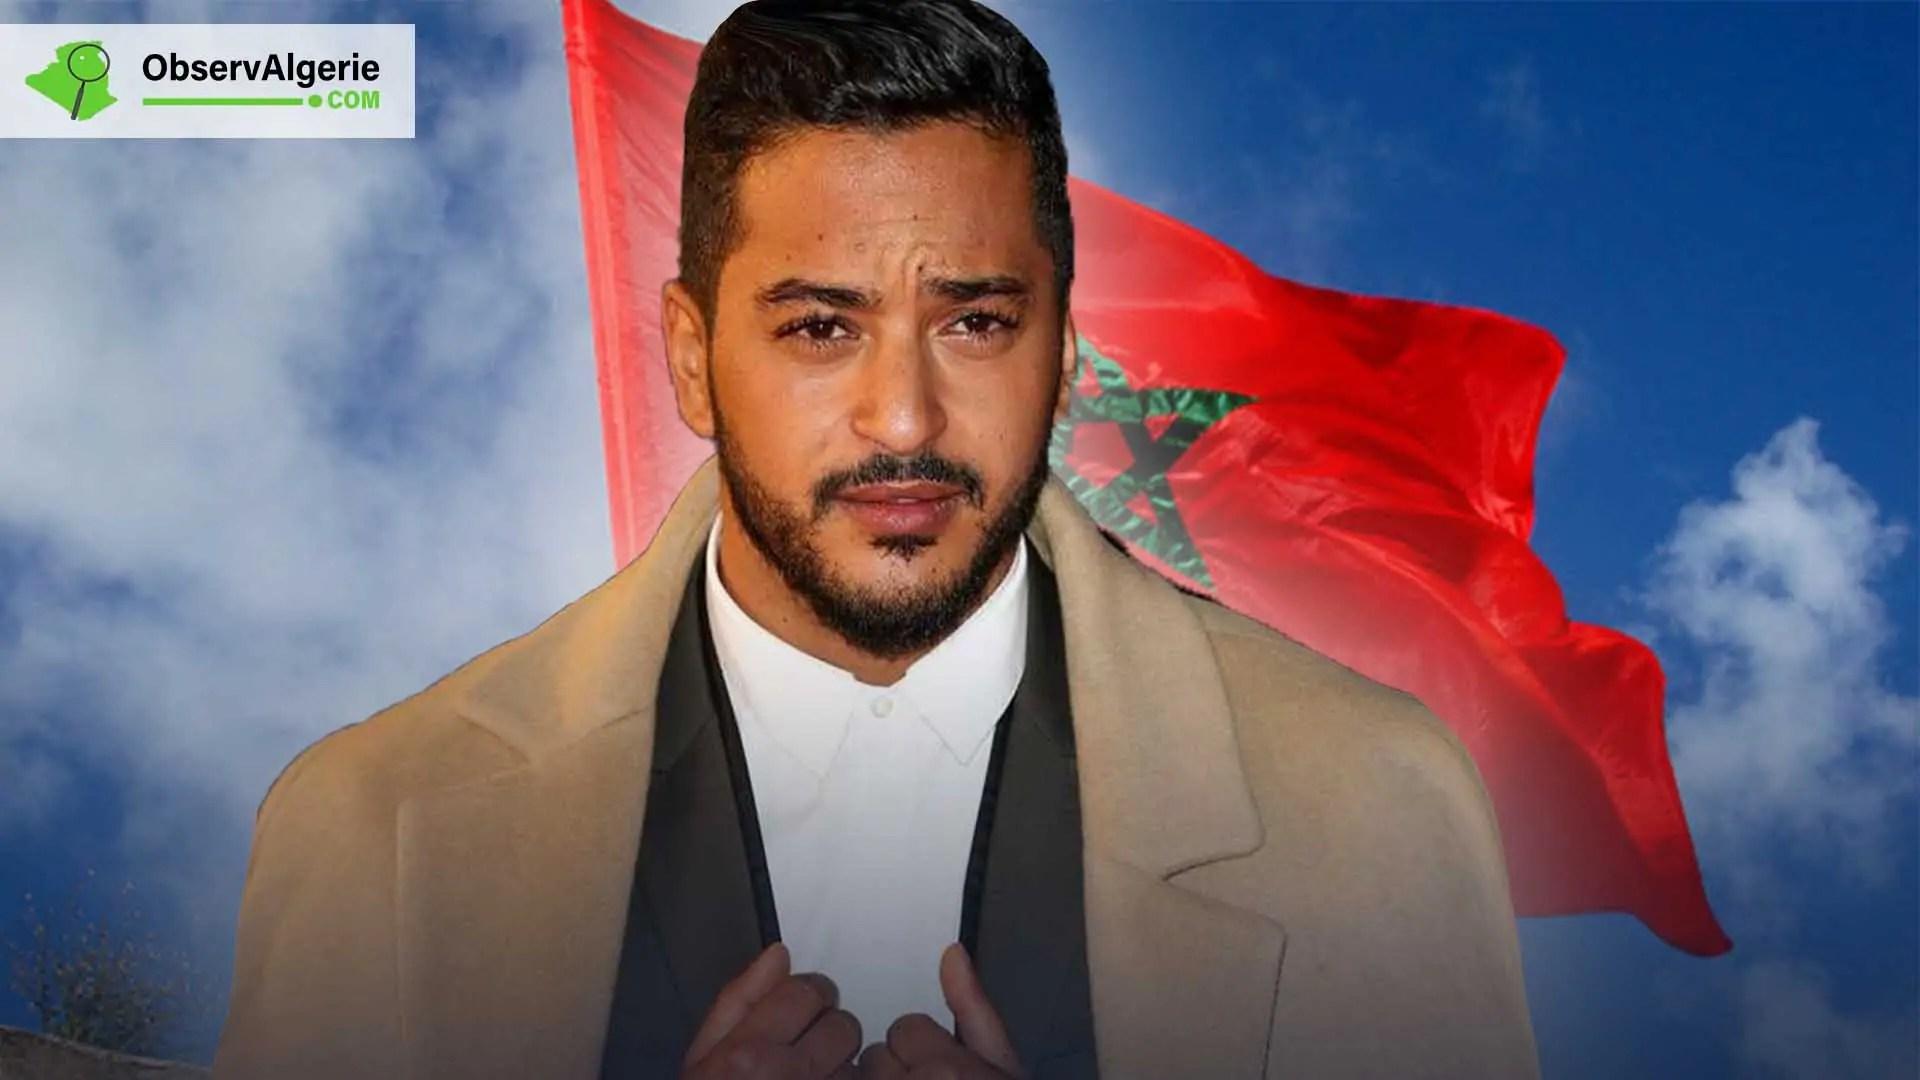 Le chanteur d'origine algérienne Slimane interdit d'entrer au Maroc